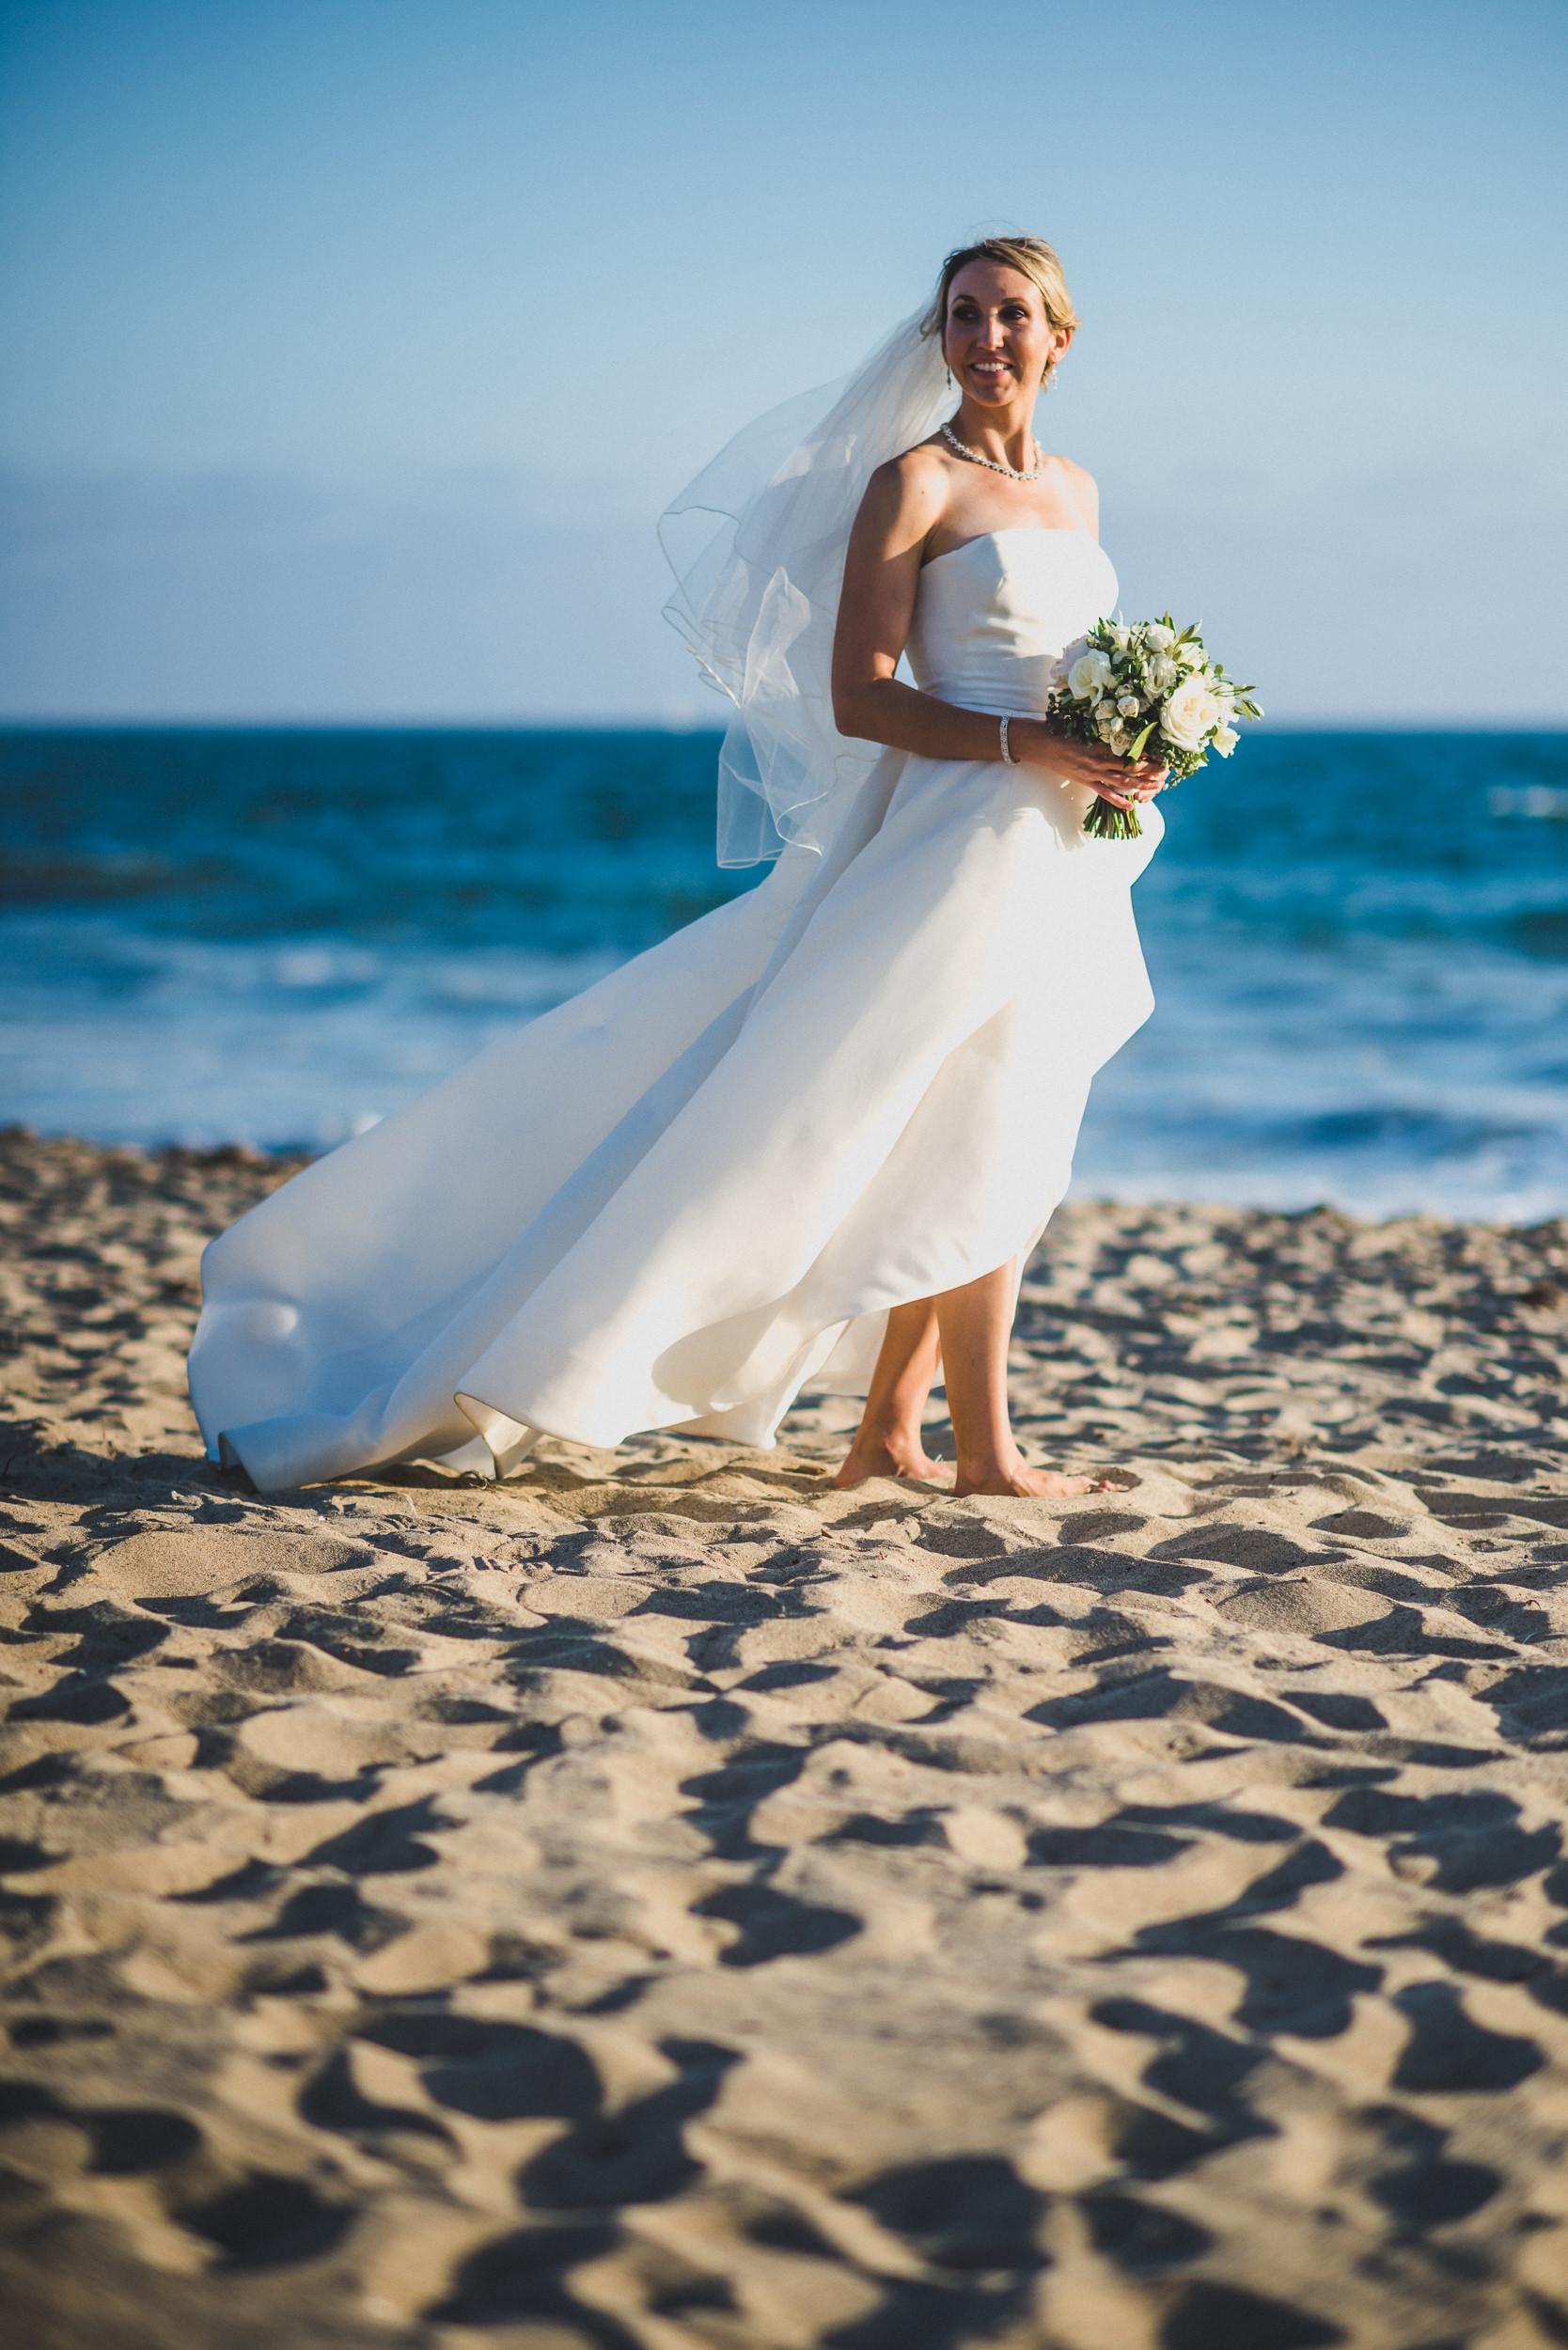 sA+B - The Beach Club - Santa Monica CA - 07 Bridal Portraits-6.jpg